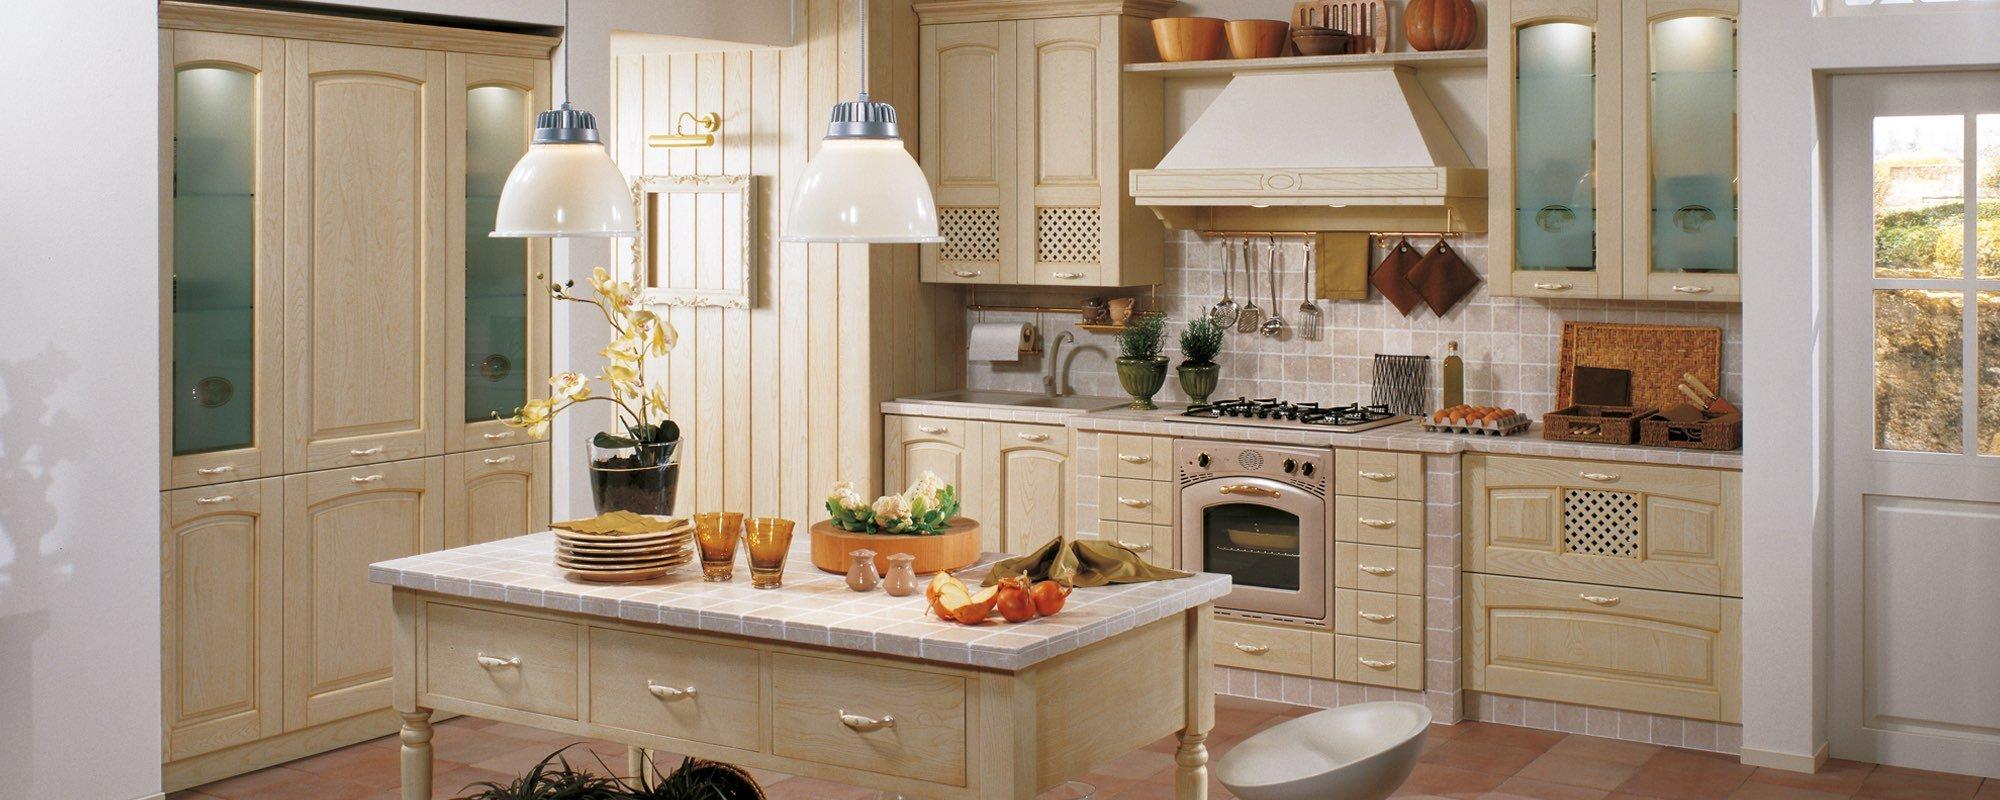 Cucine Componibili Vibo Valentia : Cucine in muratura vibo valentia scarcia arredamenti